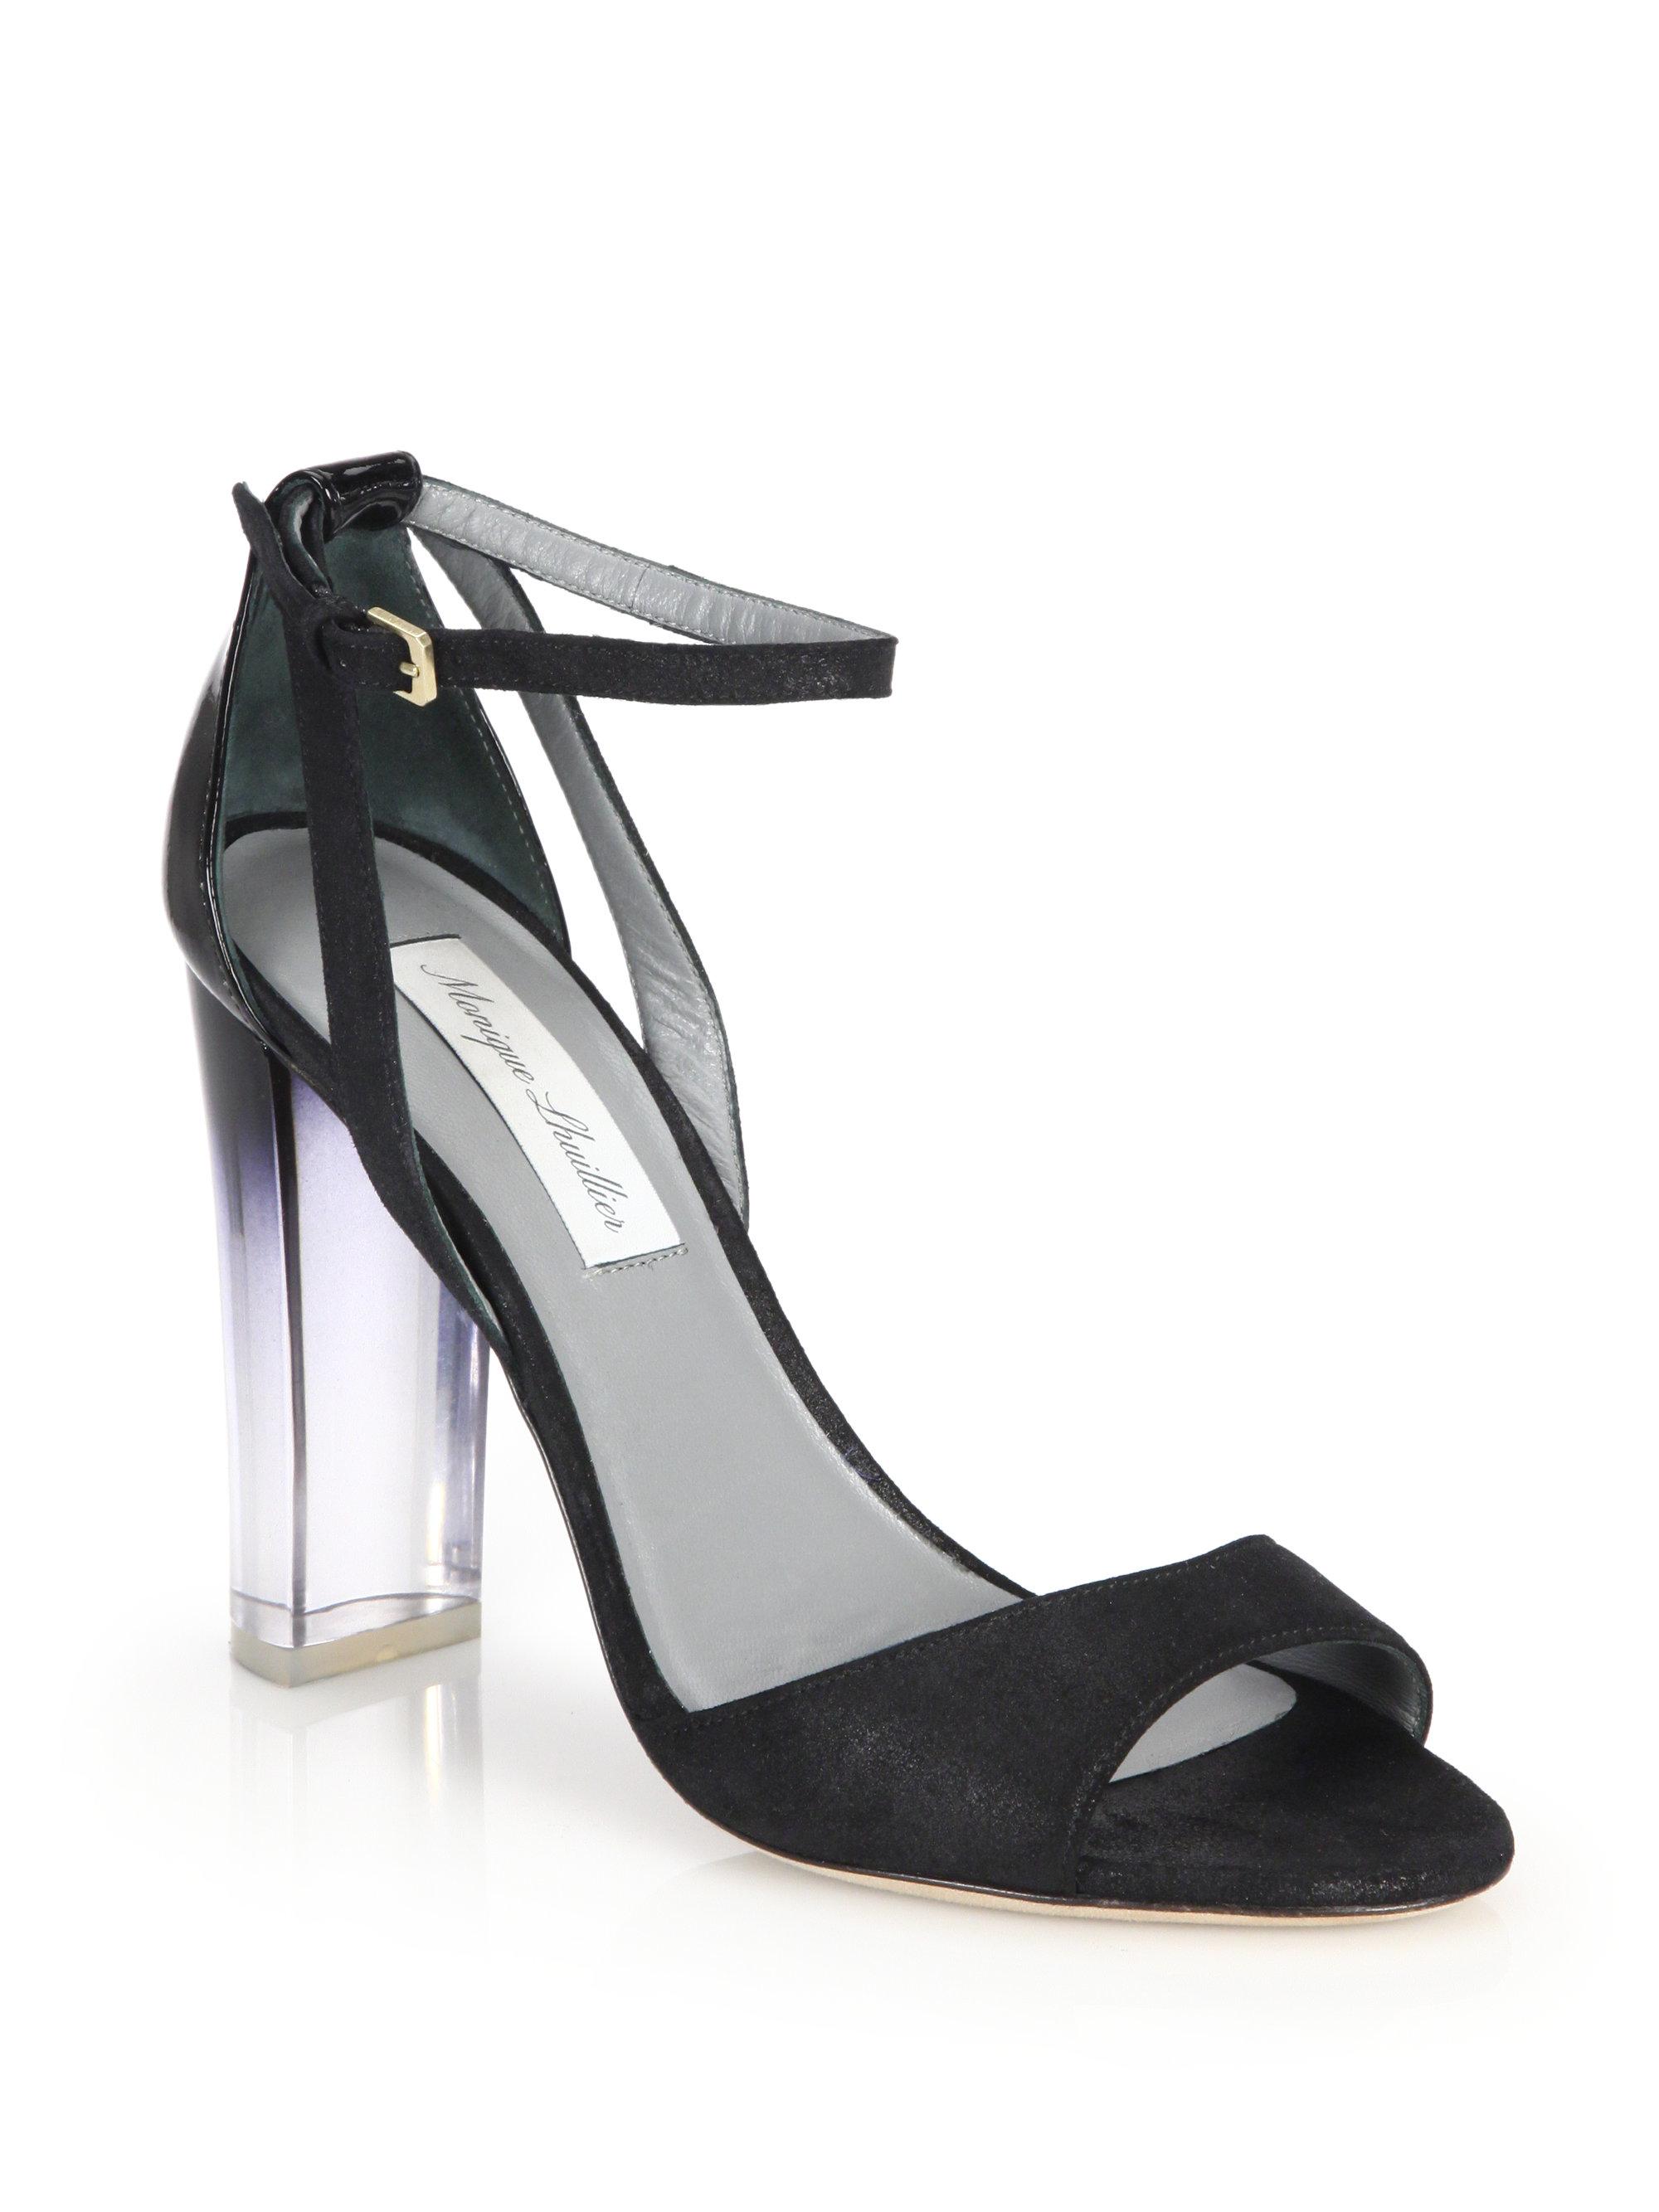 Lyst - Monique Lhuillier Ava Lucite-heel Metallic Suede   Patent ...